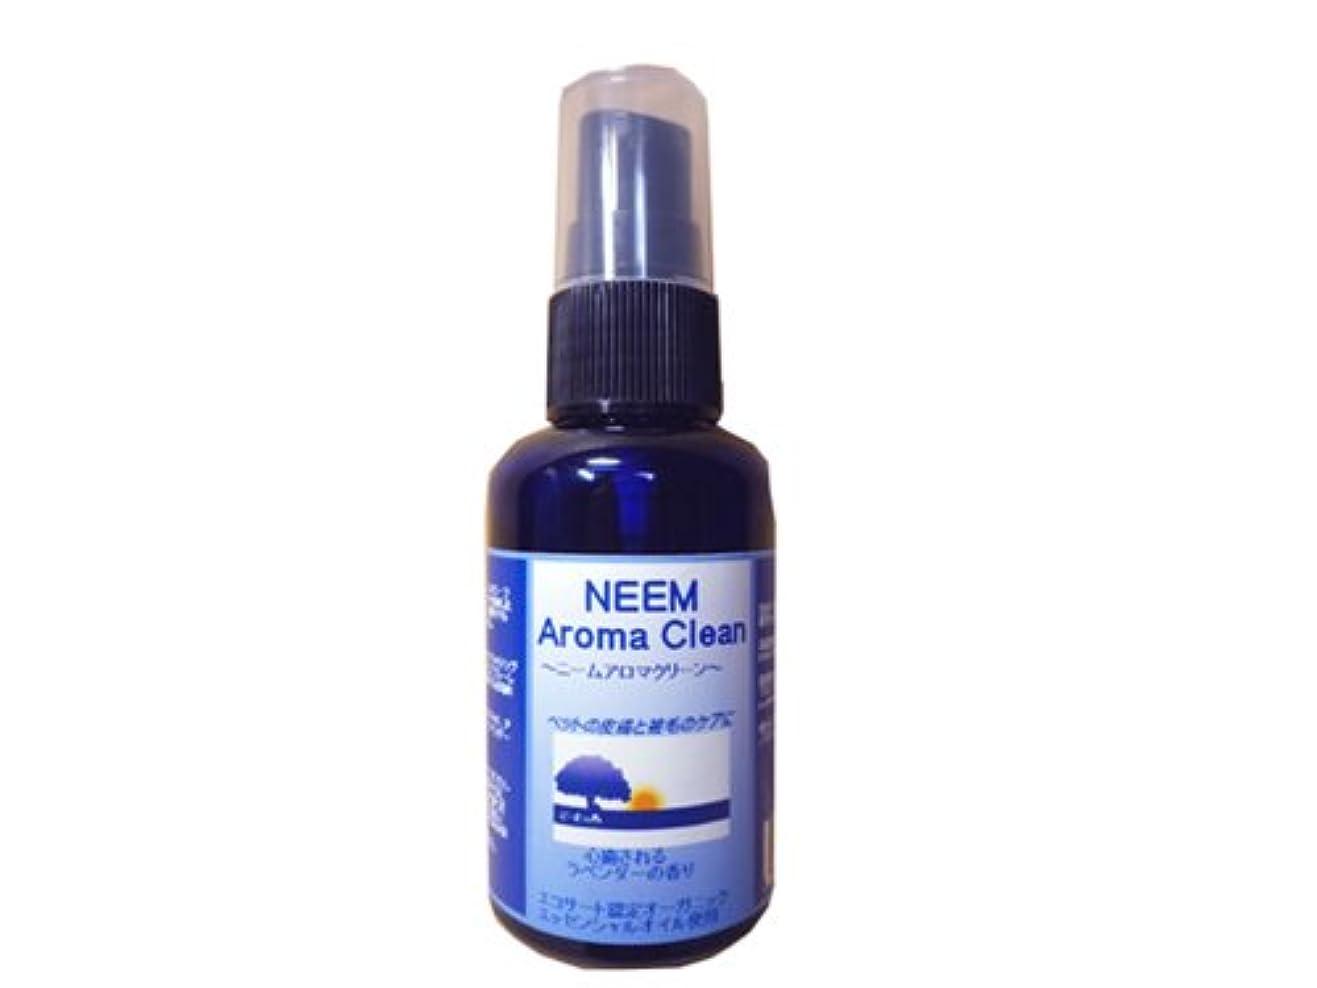 モトリーメンタリティ季節ニームアロマクリーン(ラベンダー) NEEM Aroma Clean 50ml 【BLOOM】【(ノミ?ダニ)駆除用としてもお使いいただけます。】